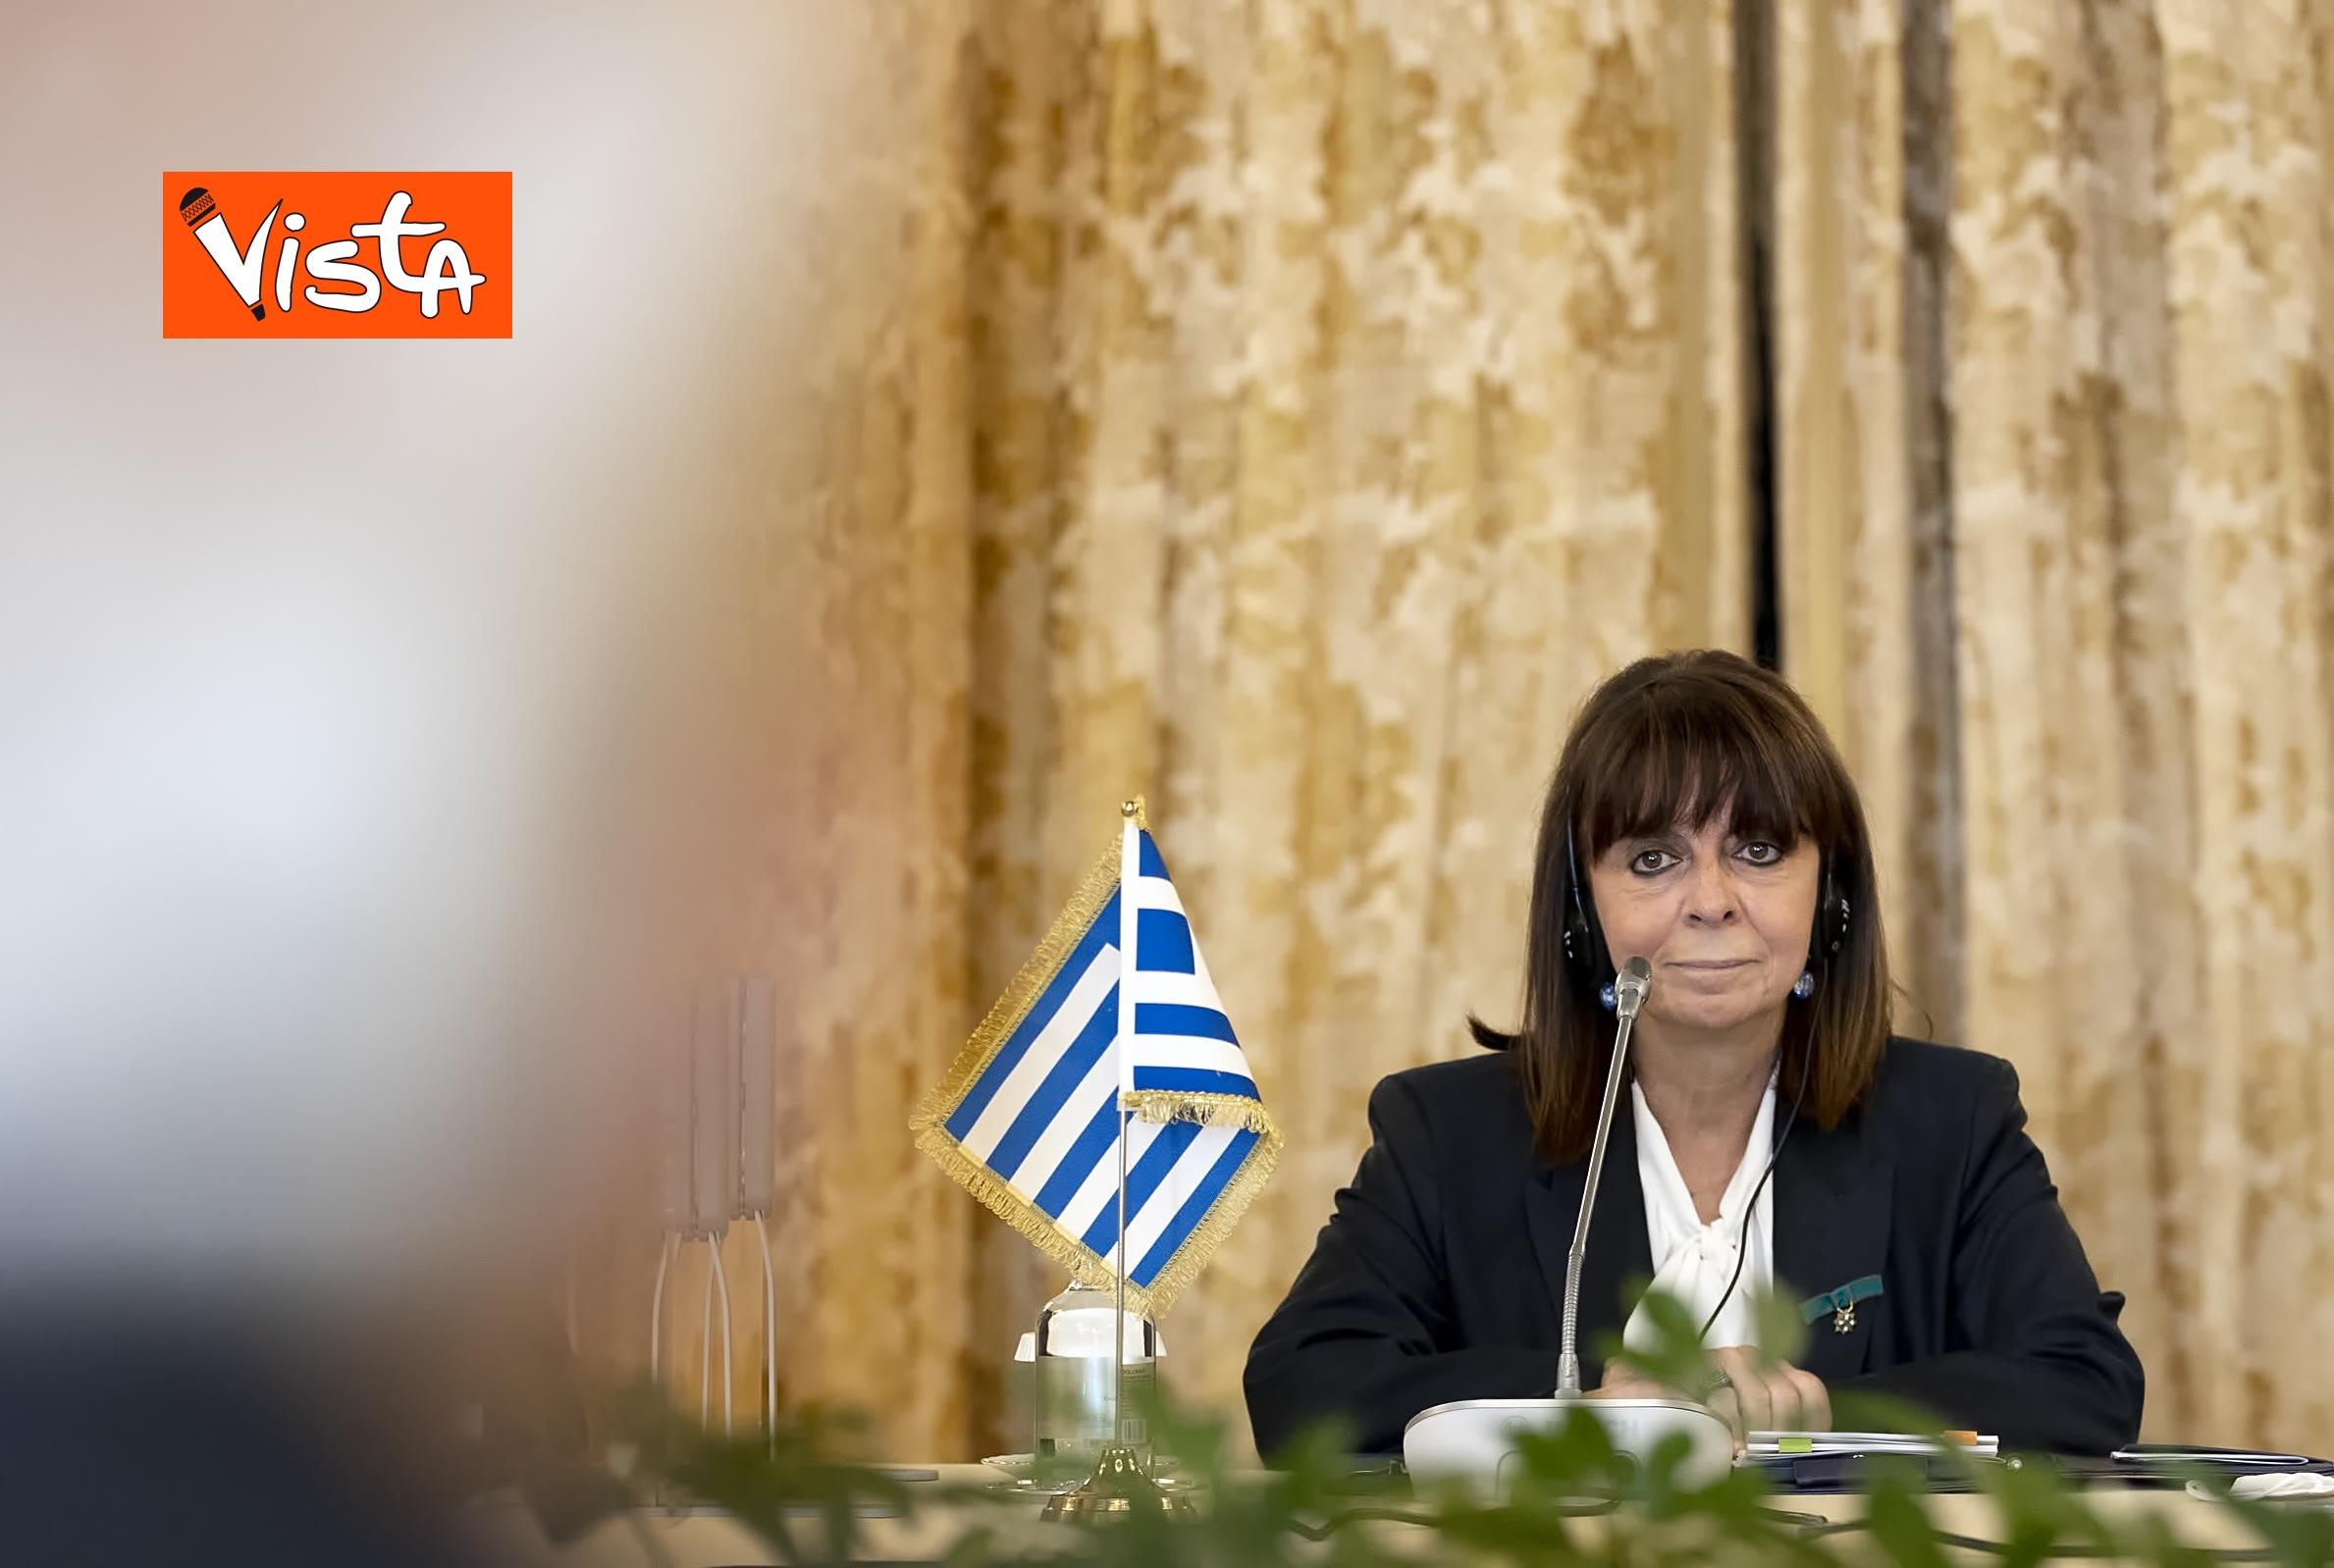 09-10-20 Mattarella riceve la Presidente della Repubblica Ellenica Sakellaropoulou, le immagini_12